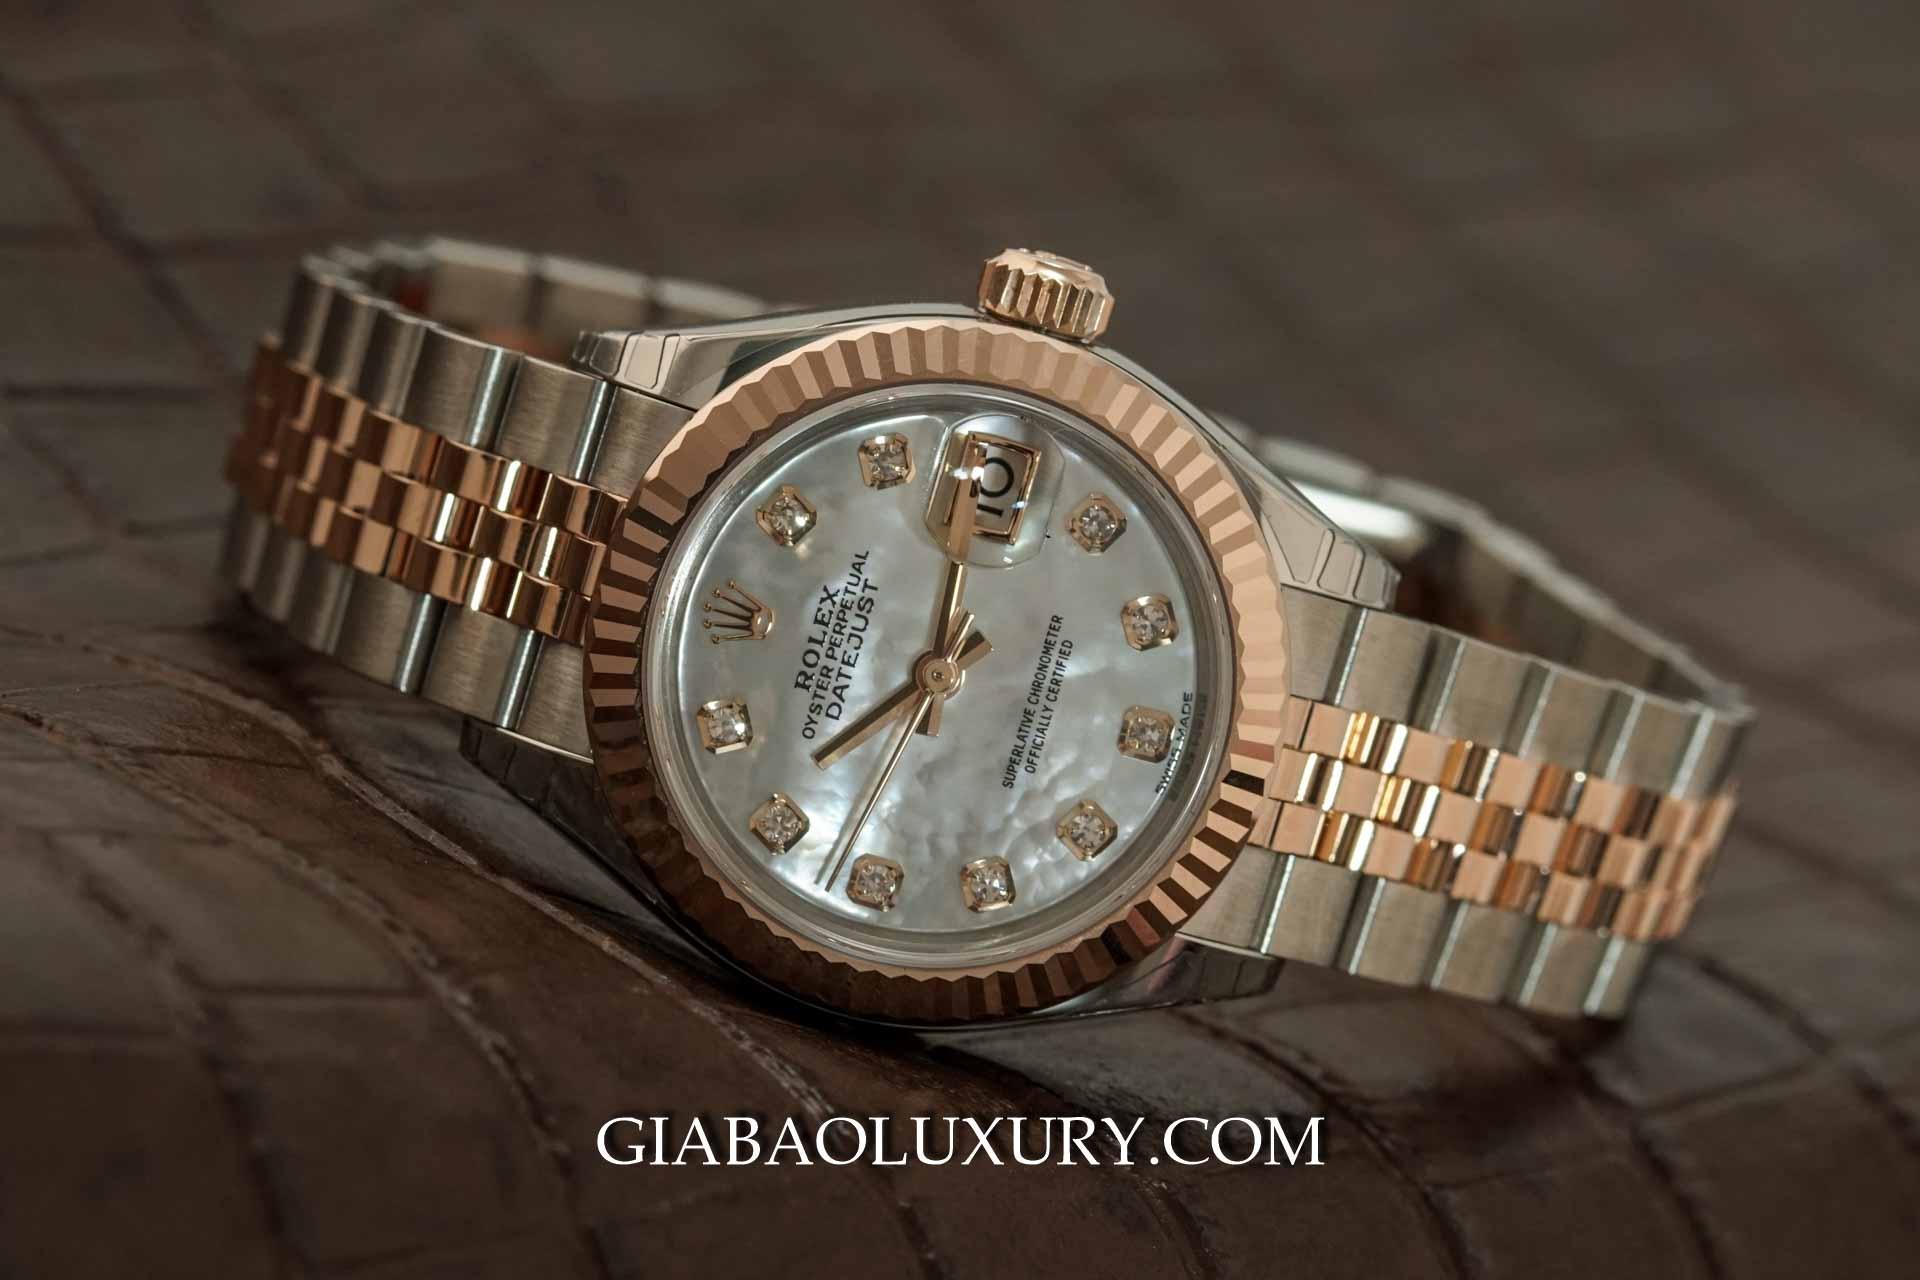 279171 - Rolex Lady Datejust với mặt ốc trắng và vành bezel khía